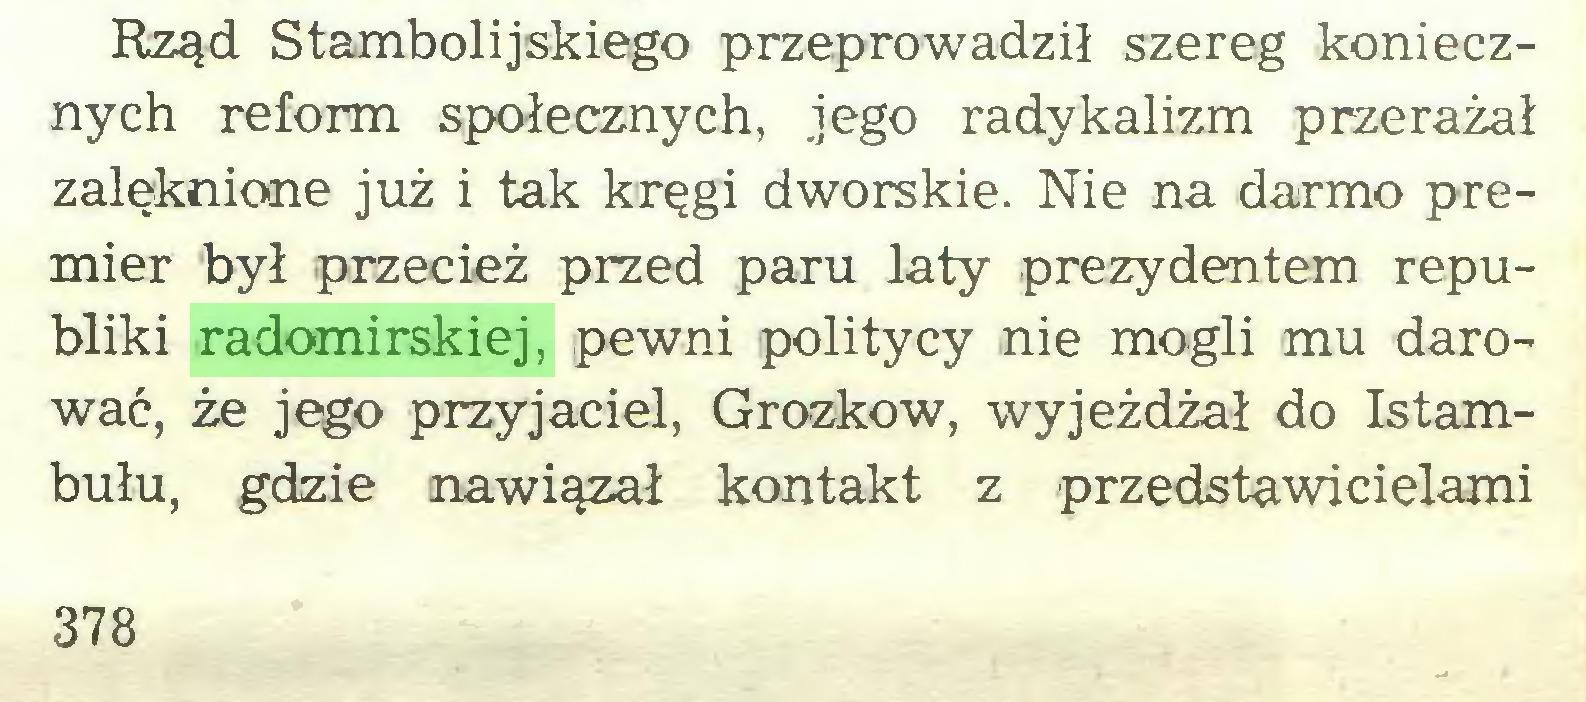 (...) Rząd Stambolijskiego przeprowadził szereg koniecznych reform społecznych, jego radykalizm przerażał zalęknione już i tak kręgi dworskie. Nie na darmo premier był przecież przed paru laty prezydentem republiki radomirskiej, pewni politycy nie mogli mu darować, że jego przyjaciel, Grozkow, wyjeżdżał do Istambułu, gdzie nawiązał kontakt z przedstawicielami 378...